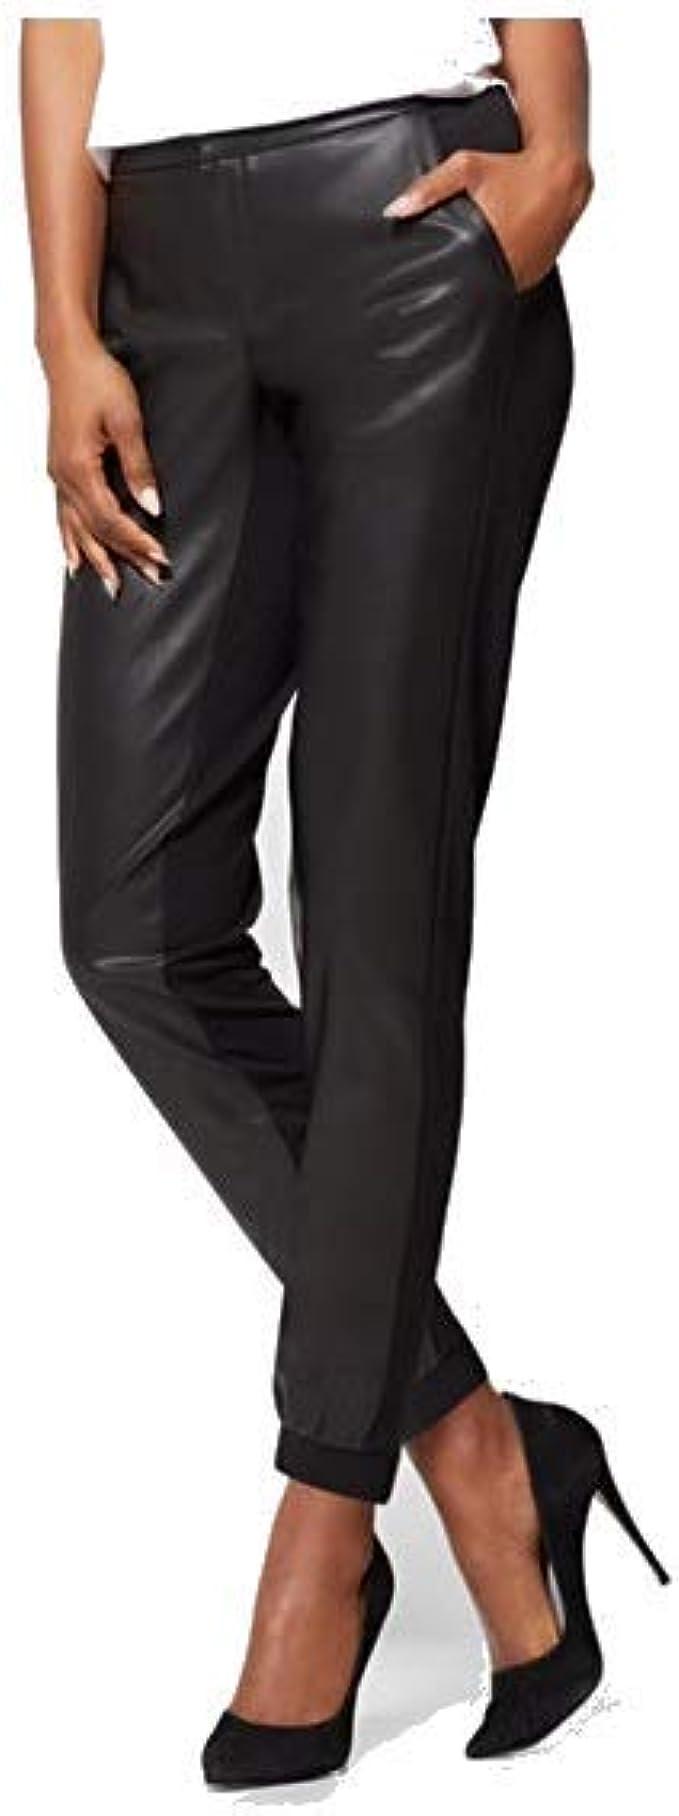 Amazon Com New York Co Pantalones De Cuero Sintetico Para Mujer Negro Clothing